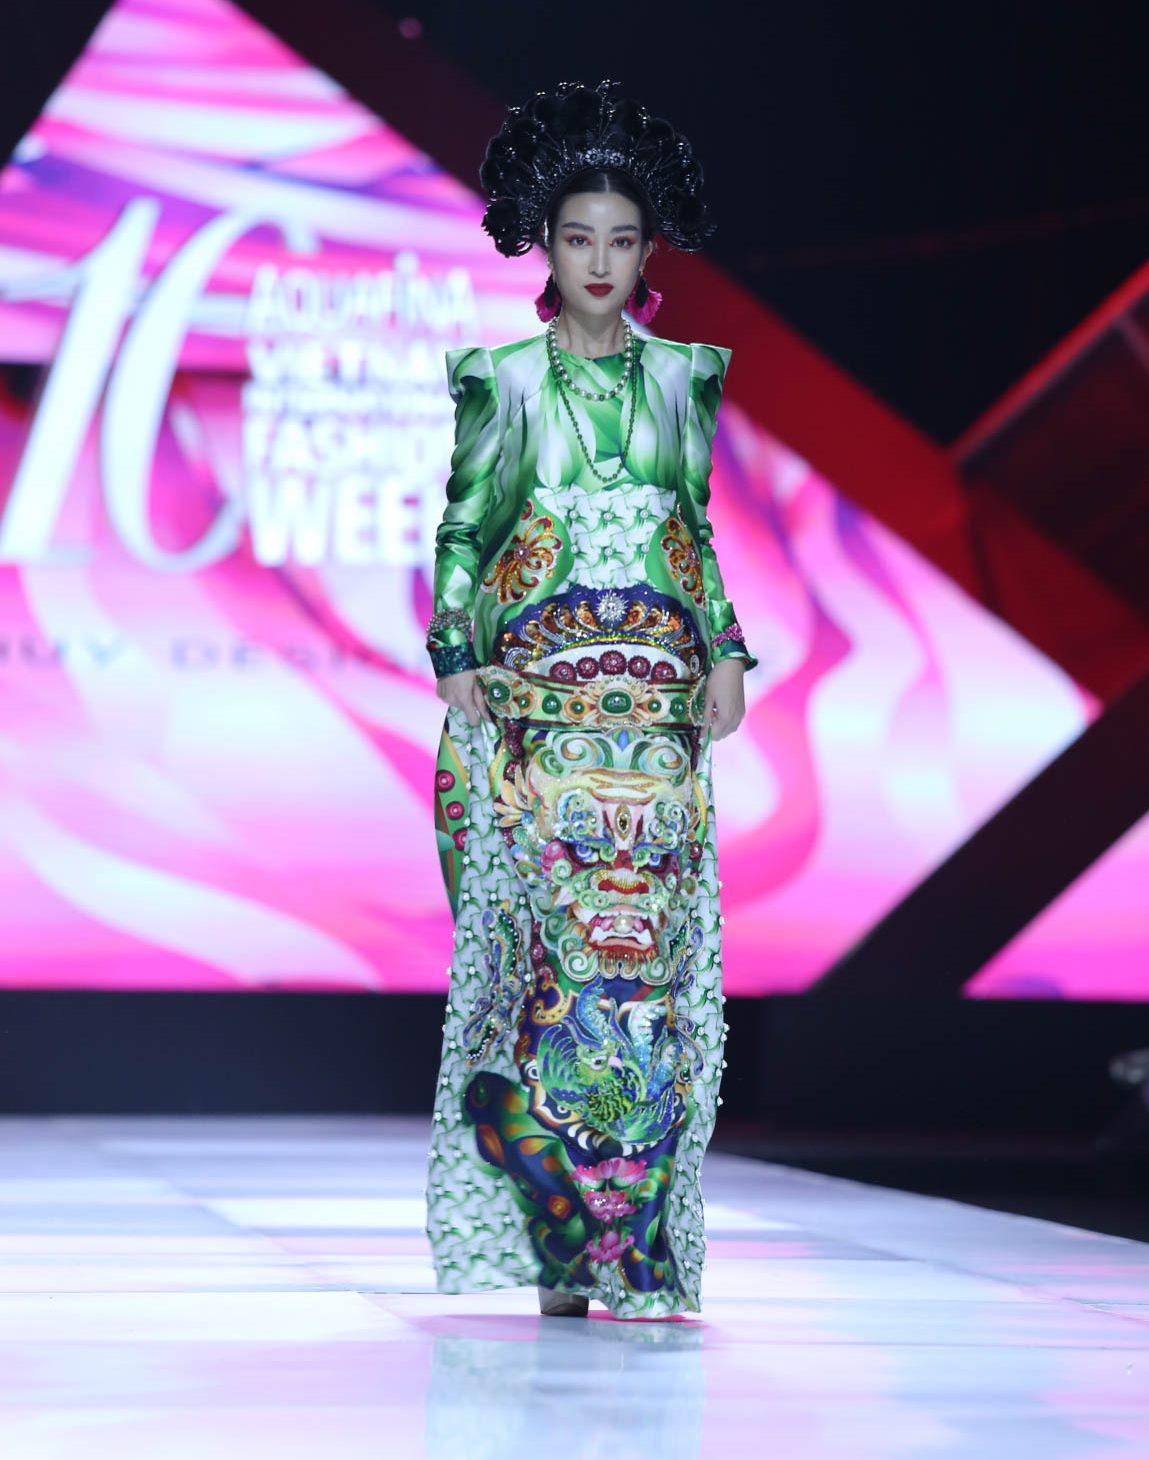 NTK tiết lộ về cảm hứng nàng Mỵ Châu qua hóa thân của Mỹ Linh - 1